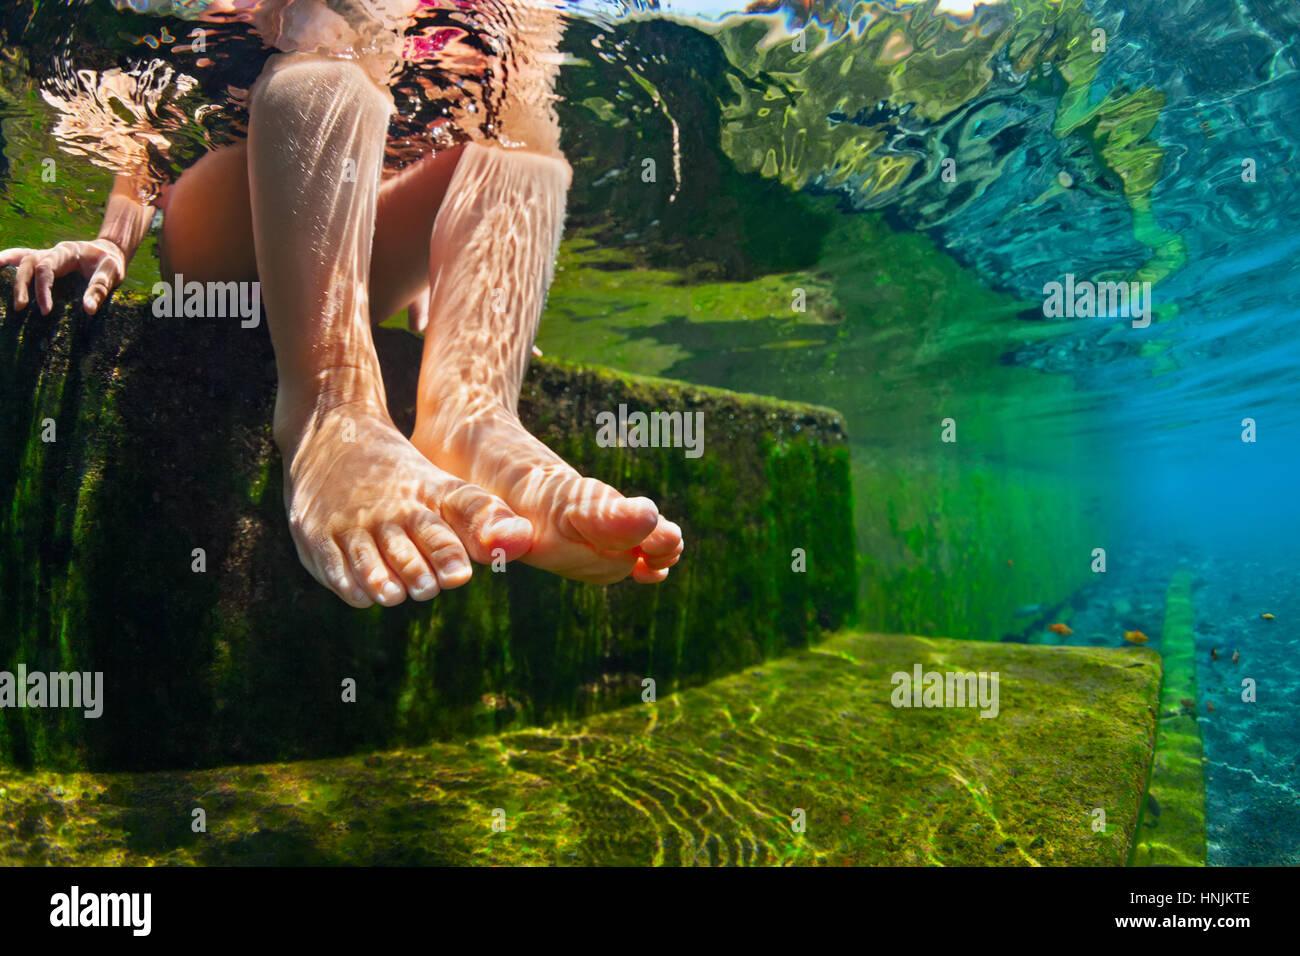 Personne heureuse vous amuser au bord de la piscine. Funny sous l'eau photo de bébé les pieds nus Photo Stock